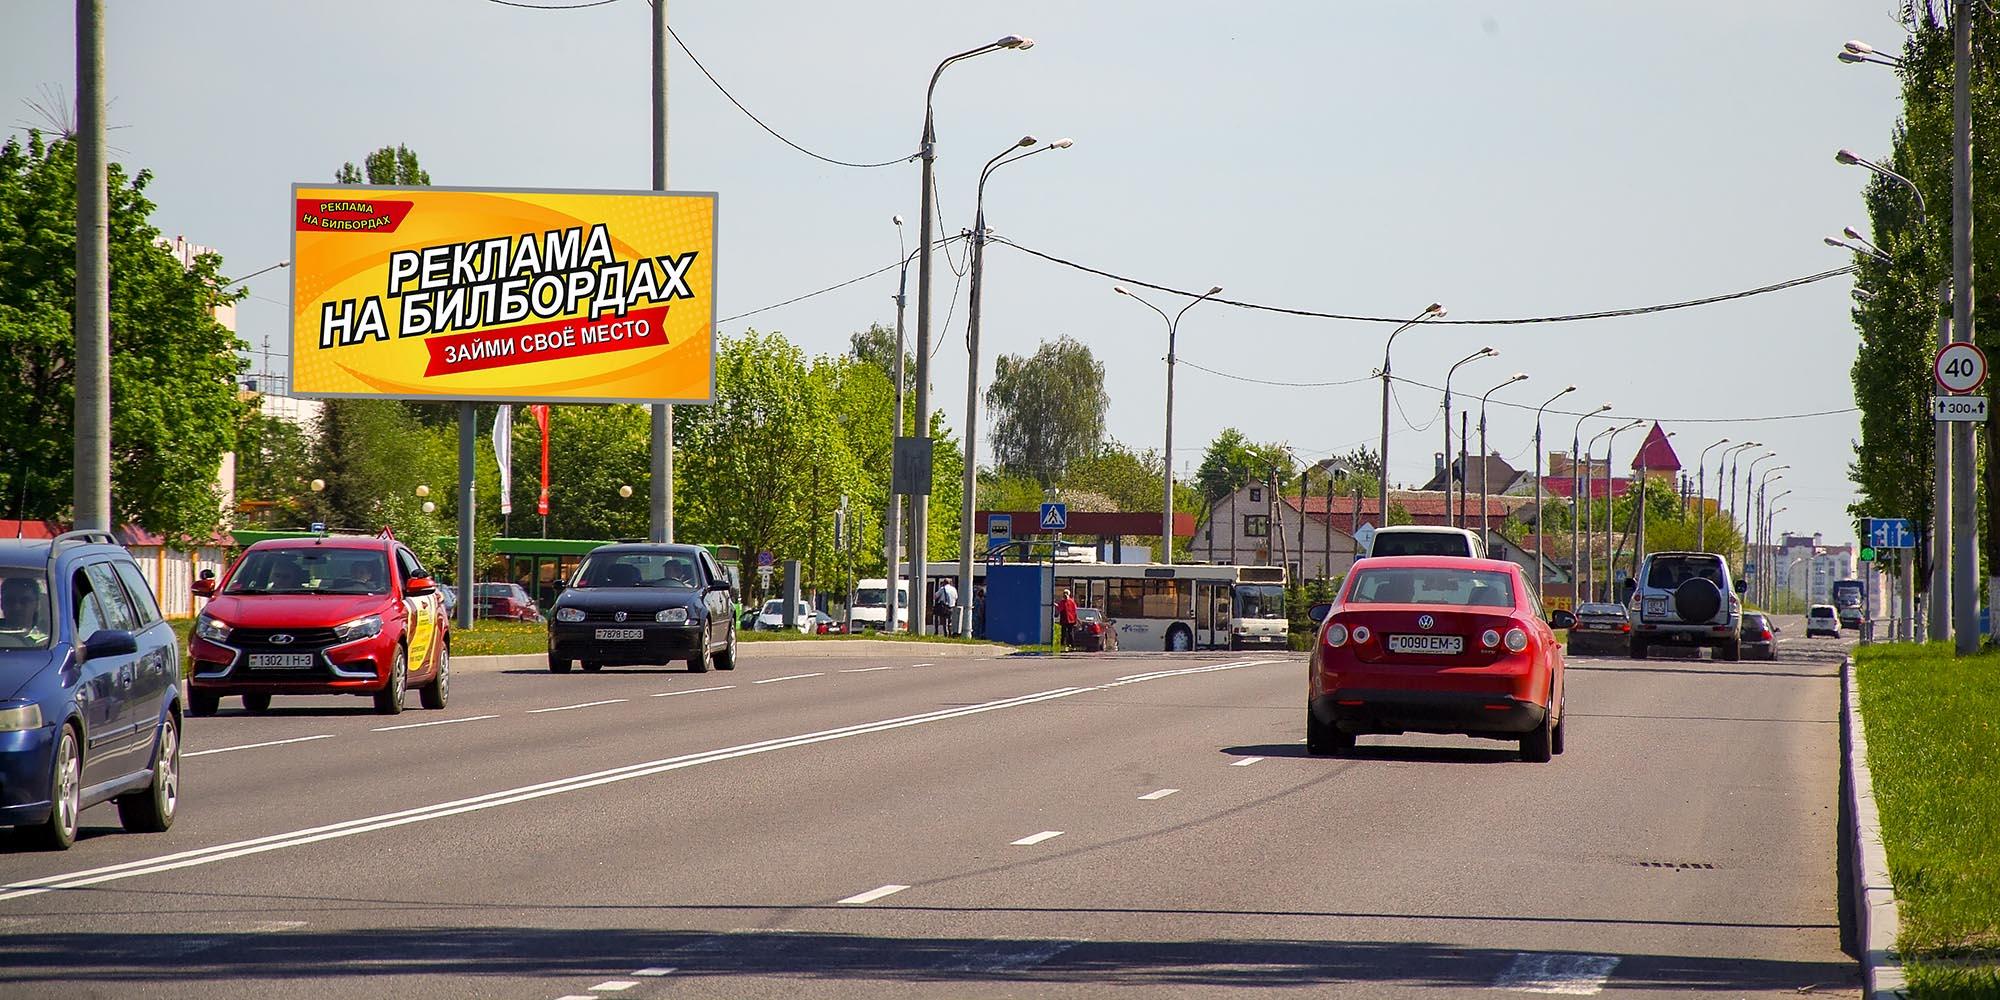 унисекс подработка фото рекламных щитов донбассе